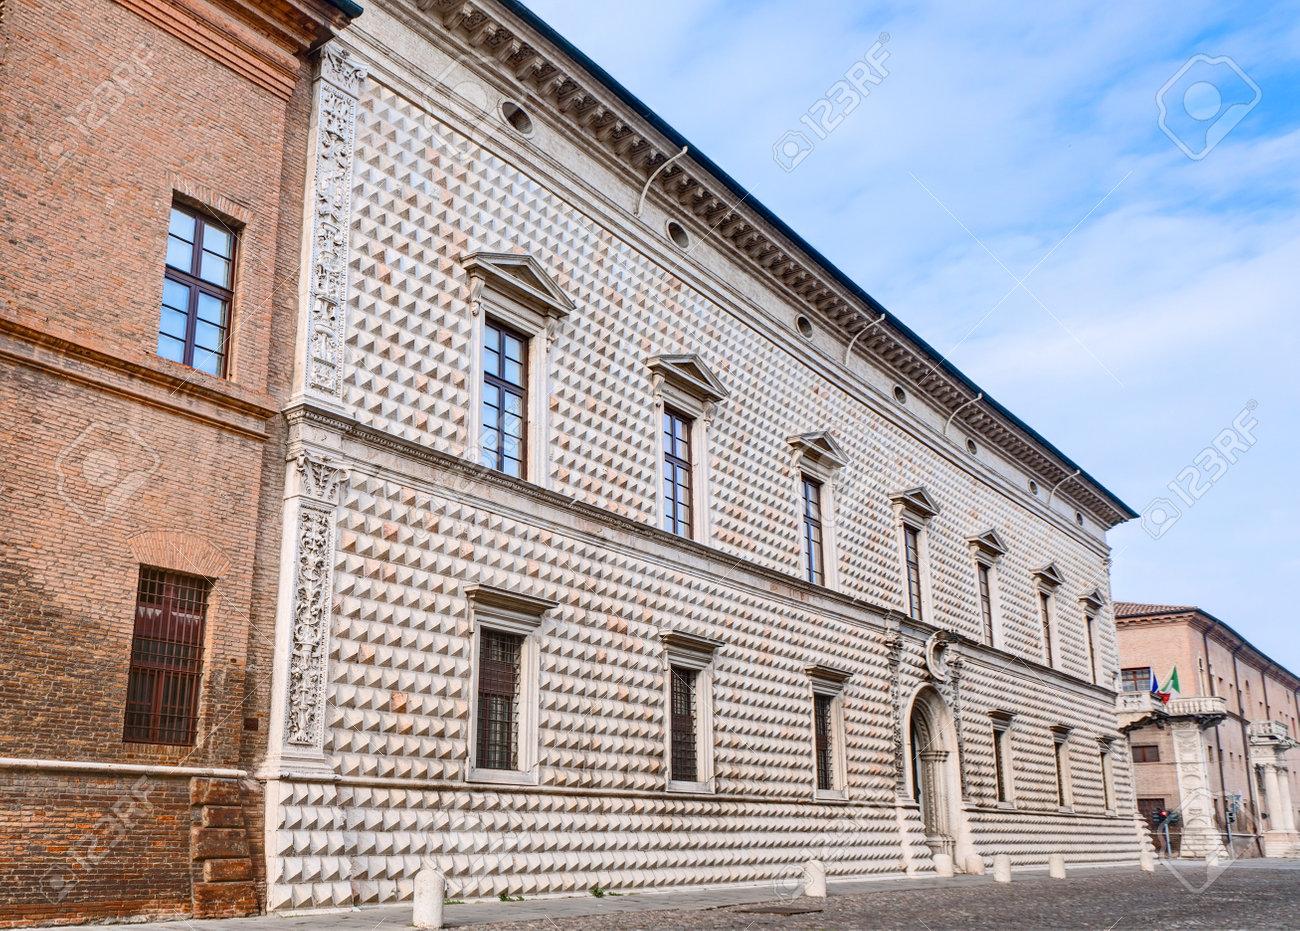 Architetti Famosi Antichi palazzo dei diamanti (diamanti palazzo) a ferrara, uno dei più famosi  palazzi antichi in italia e uno degli esempi più influenti del rinascimento